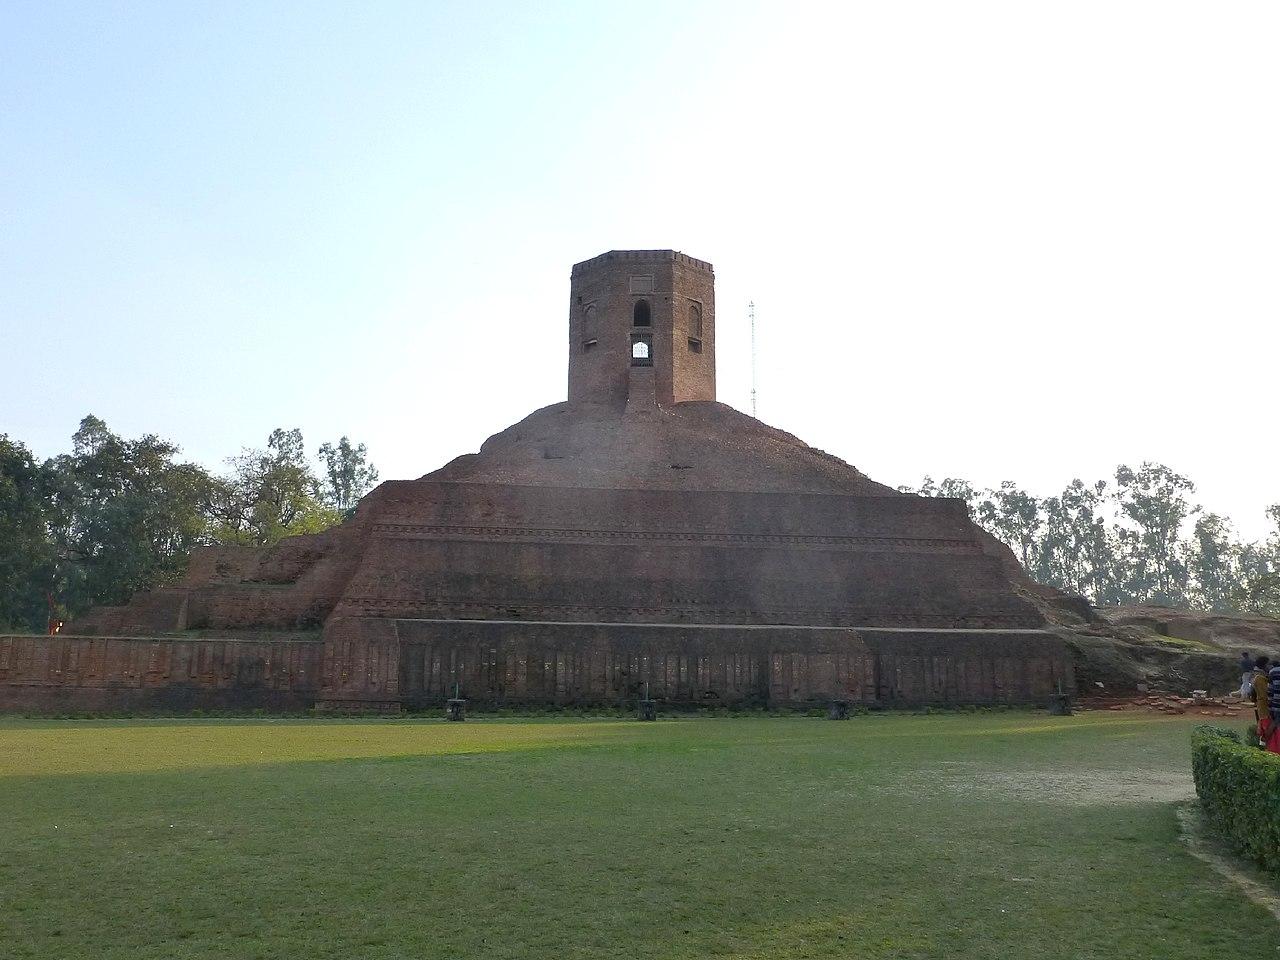 The Story Behind Chaukhandi Stupa